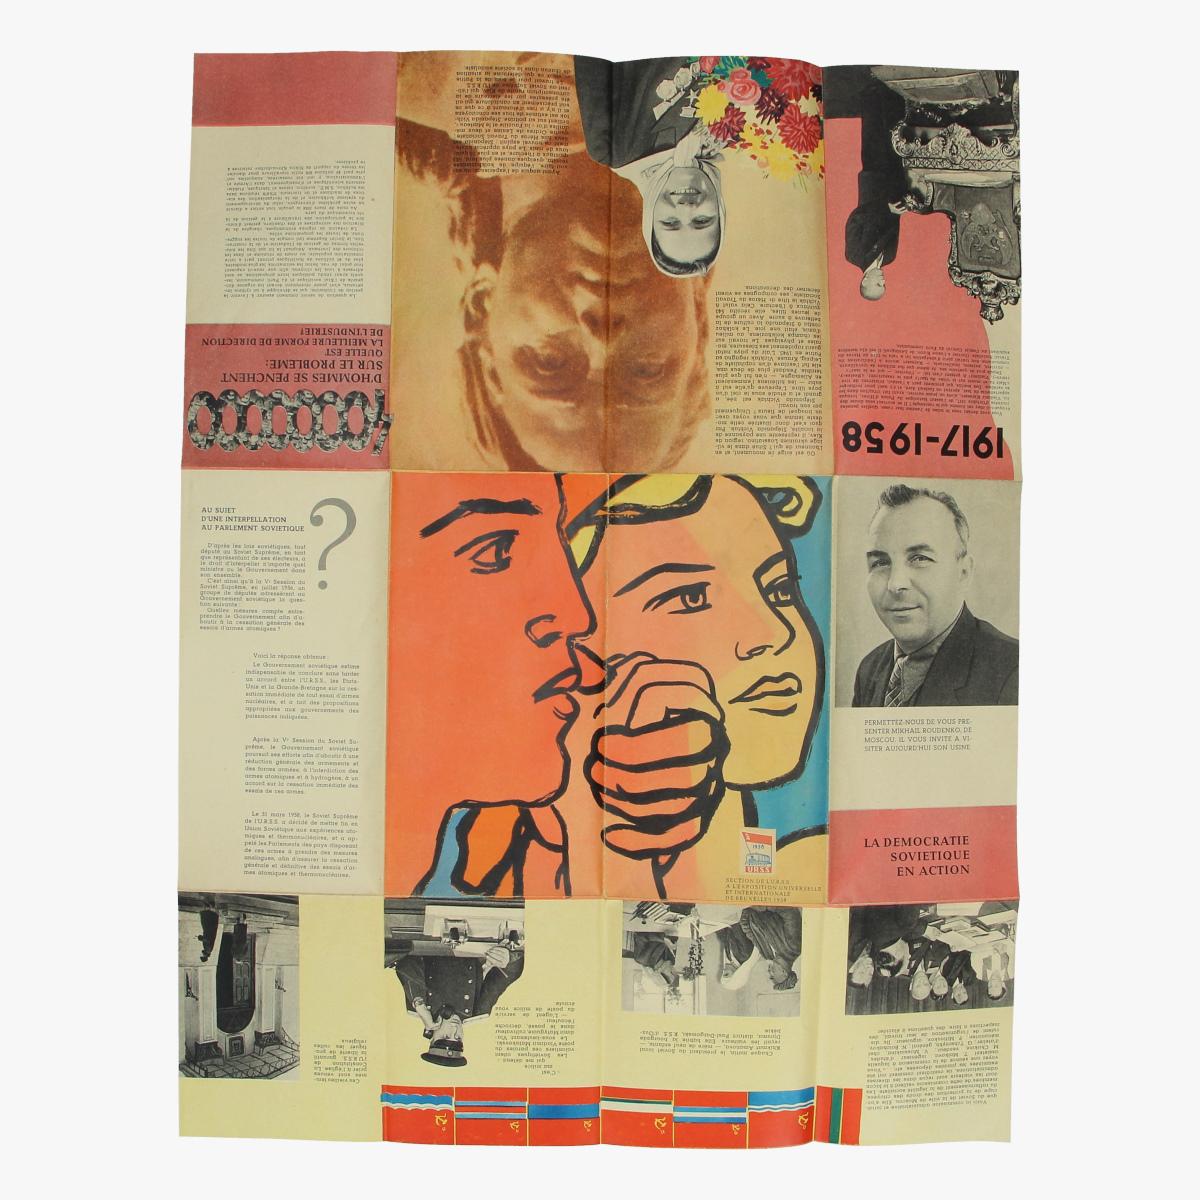 Afbeeldingen van expo 58 u.r.s.s. section de l'urrs a l' exposition universelle et internationale de bxl 1958